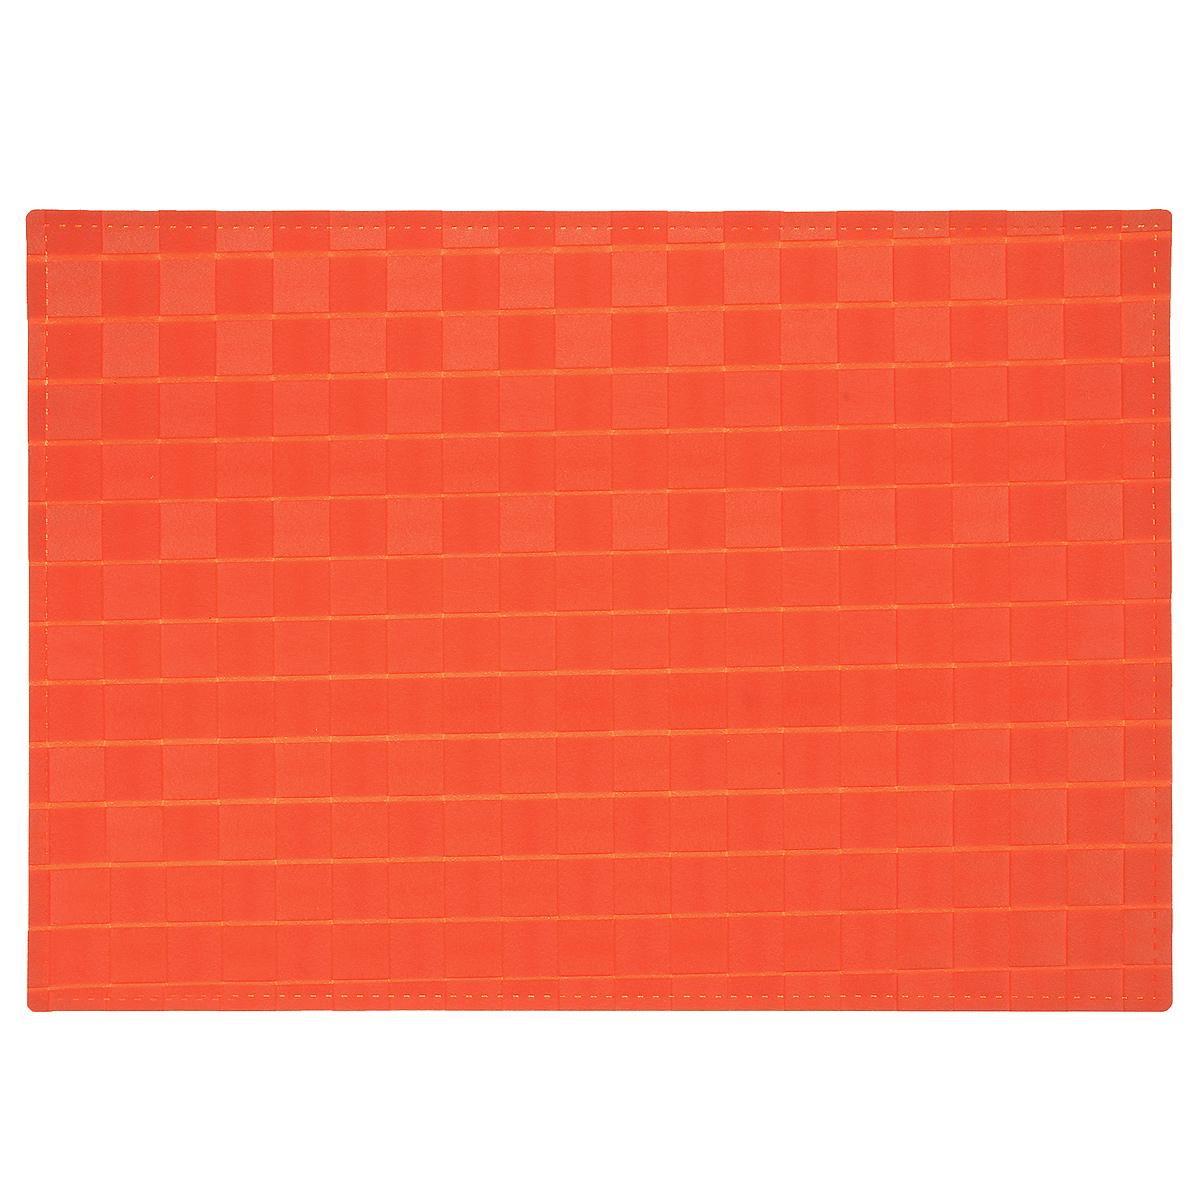 Подставка под горячее Amadeus, цвет: оранжевый, 43 х 30 см28HZ-9043Плетеная прямоугольная подставка под горячее Amadeus выполнена из мягкого цветного пластика. Подставка не боится высоких температур и легко чистится от пятен и жира. Каждая хозяйка знает, что подставка под горячее - это незаменимый и очень полезный аксессуар на каждой кухне. Ваш стол будет не только украшен оригинальной подставкой, но и сбережен от воздействия высоких температур ваших кулинарных шедевров. Размер подставки: 43 см х 30 см.